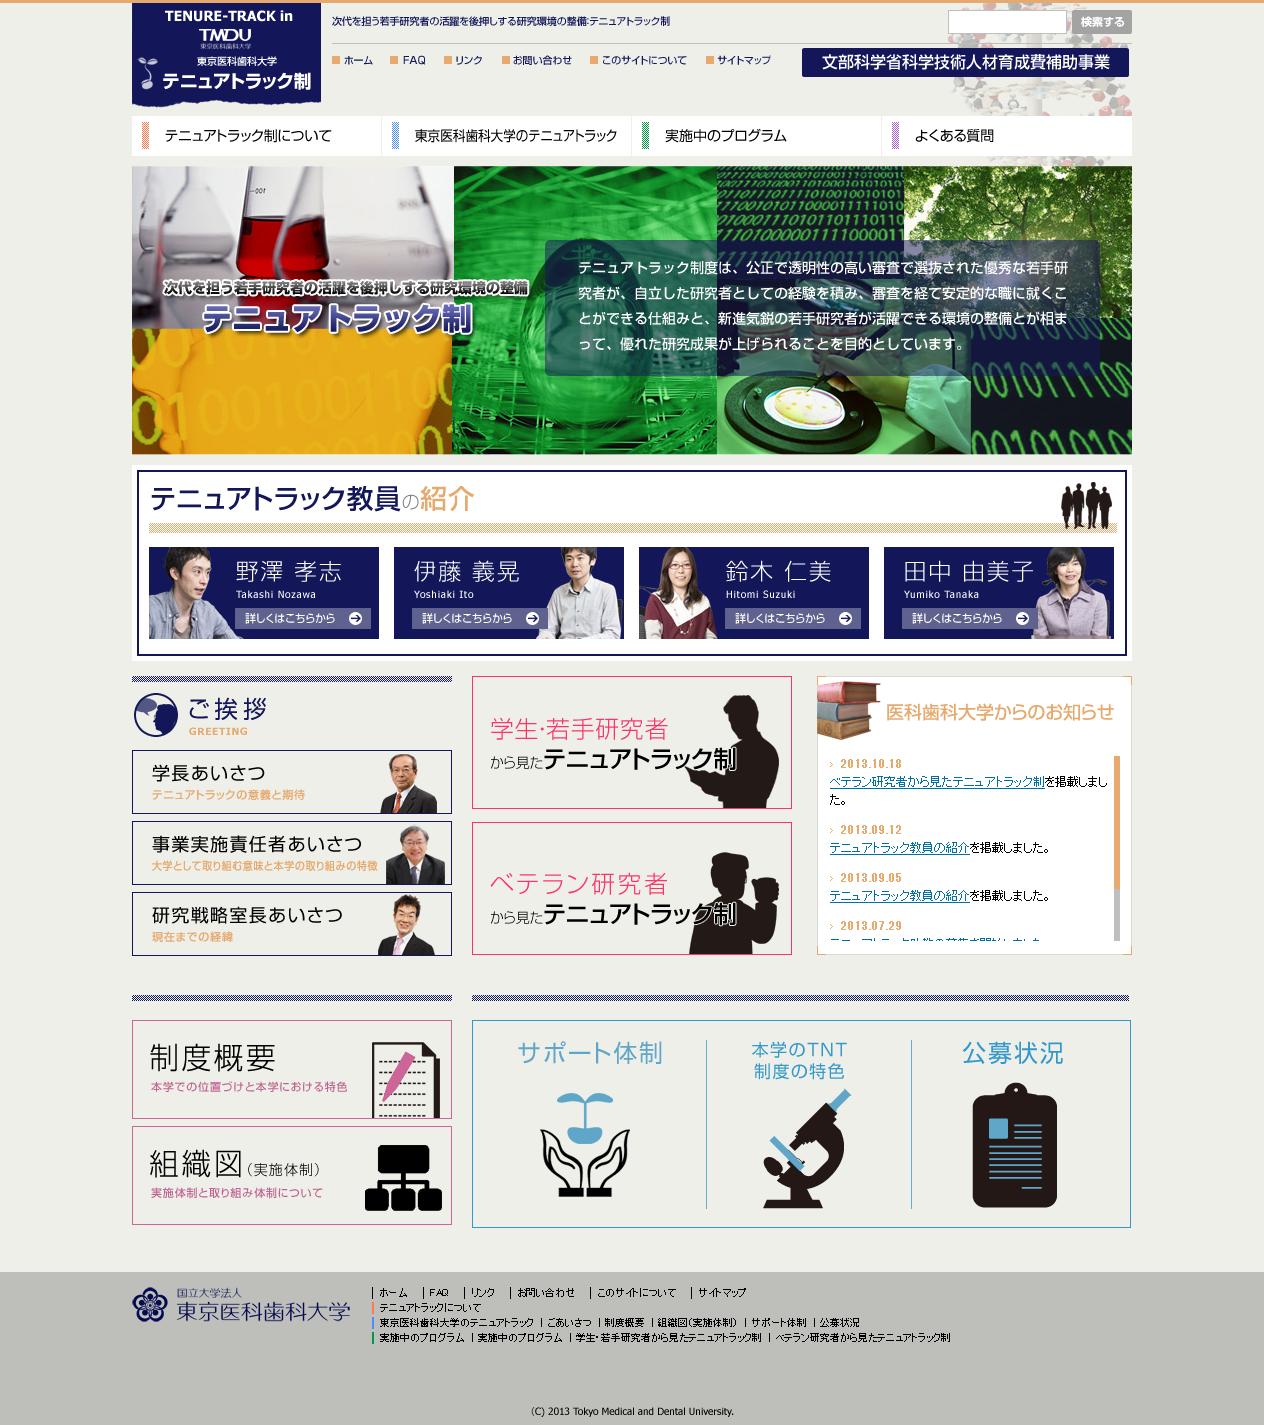 東京医科歯科大学 テニュアトラック制様の実績イメージ